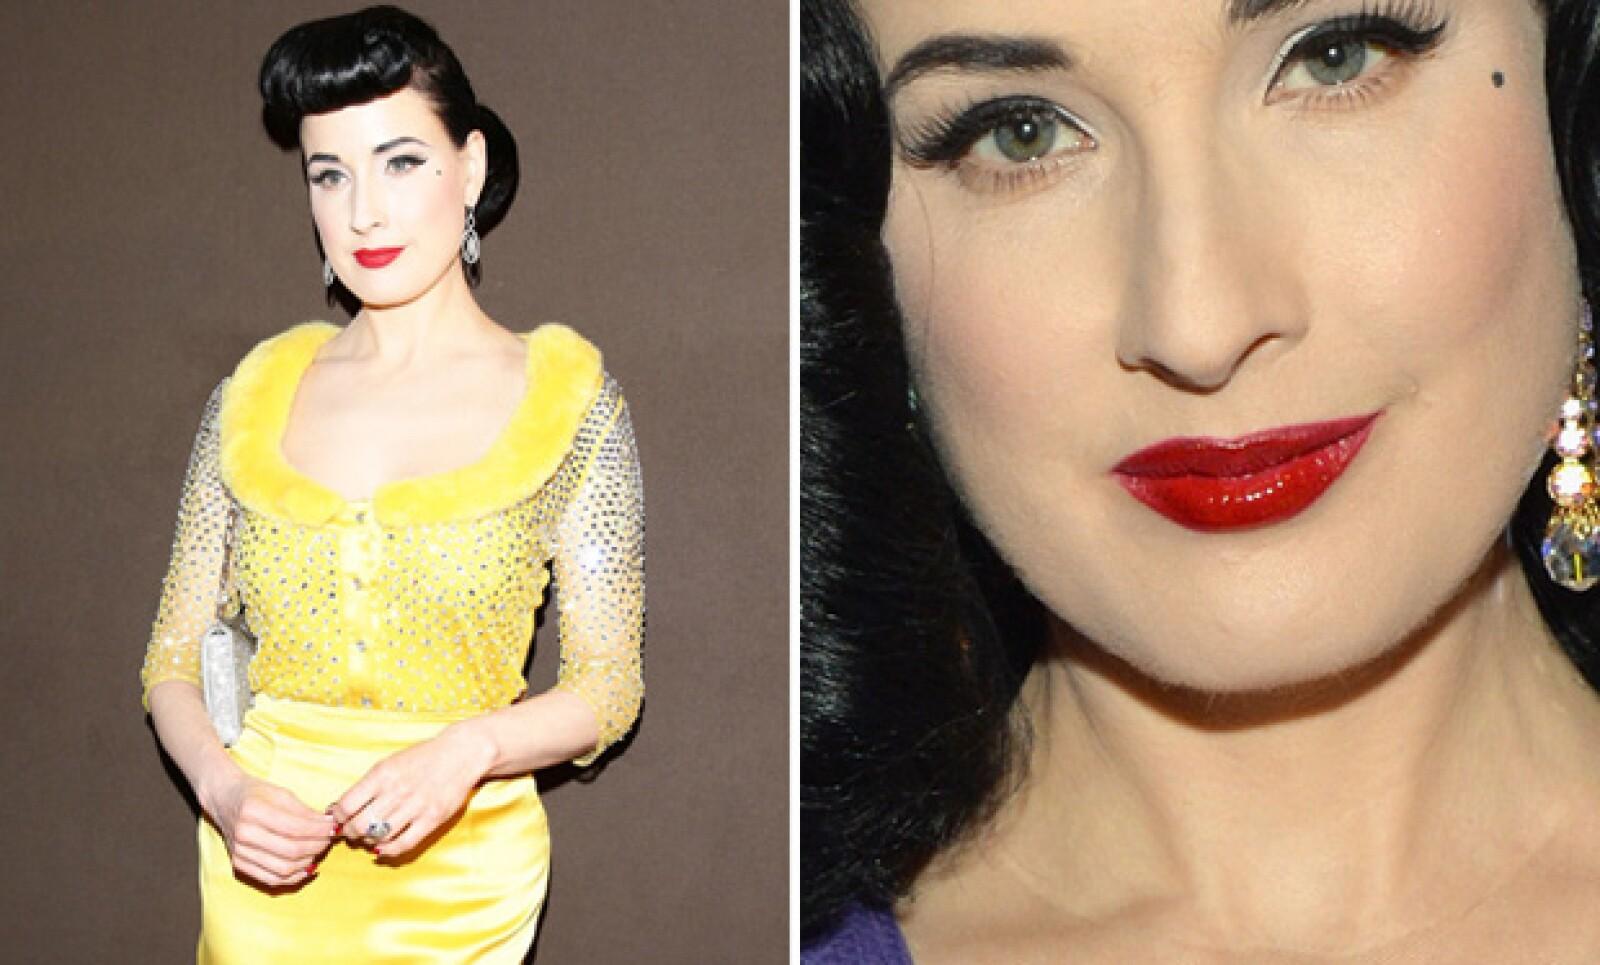 Dita Von Teese ha encontrado su sello personal en el lipstick rojo que realza sus labios.